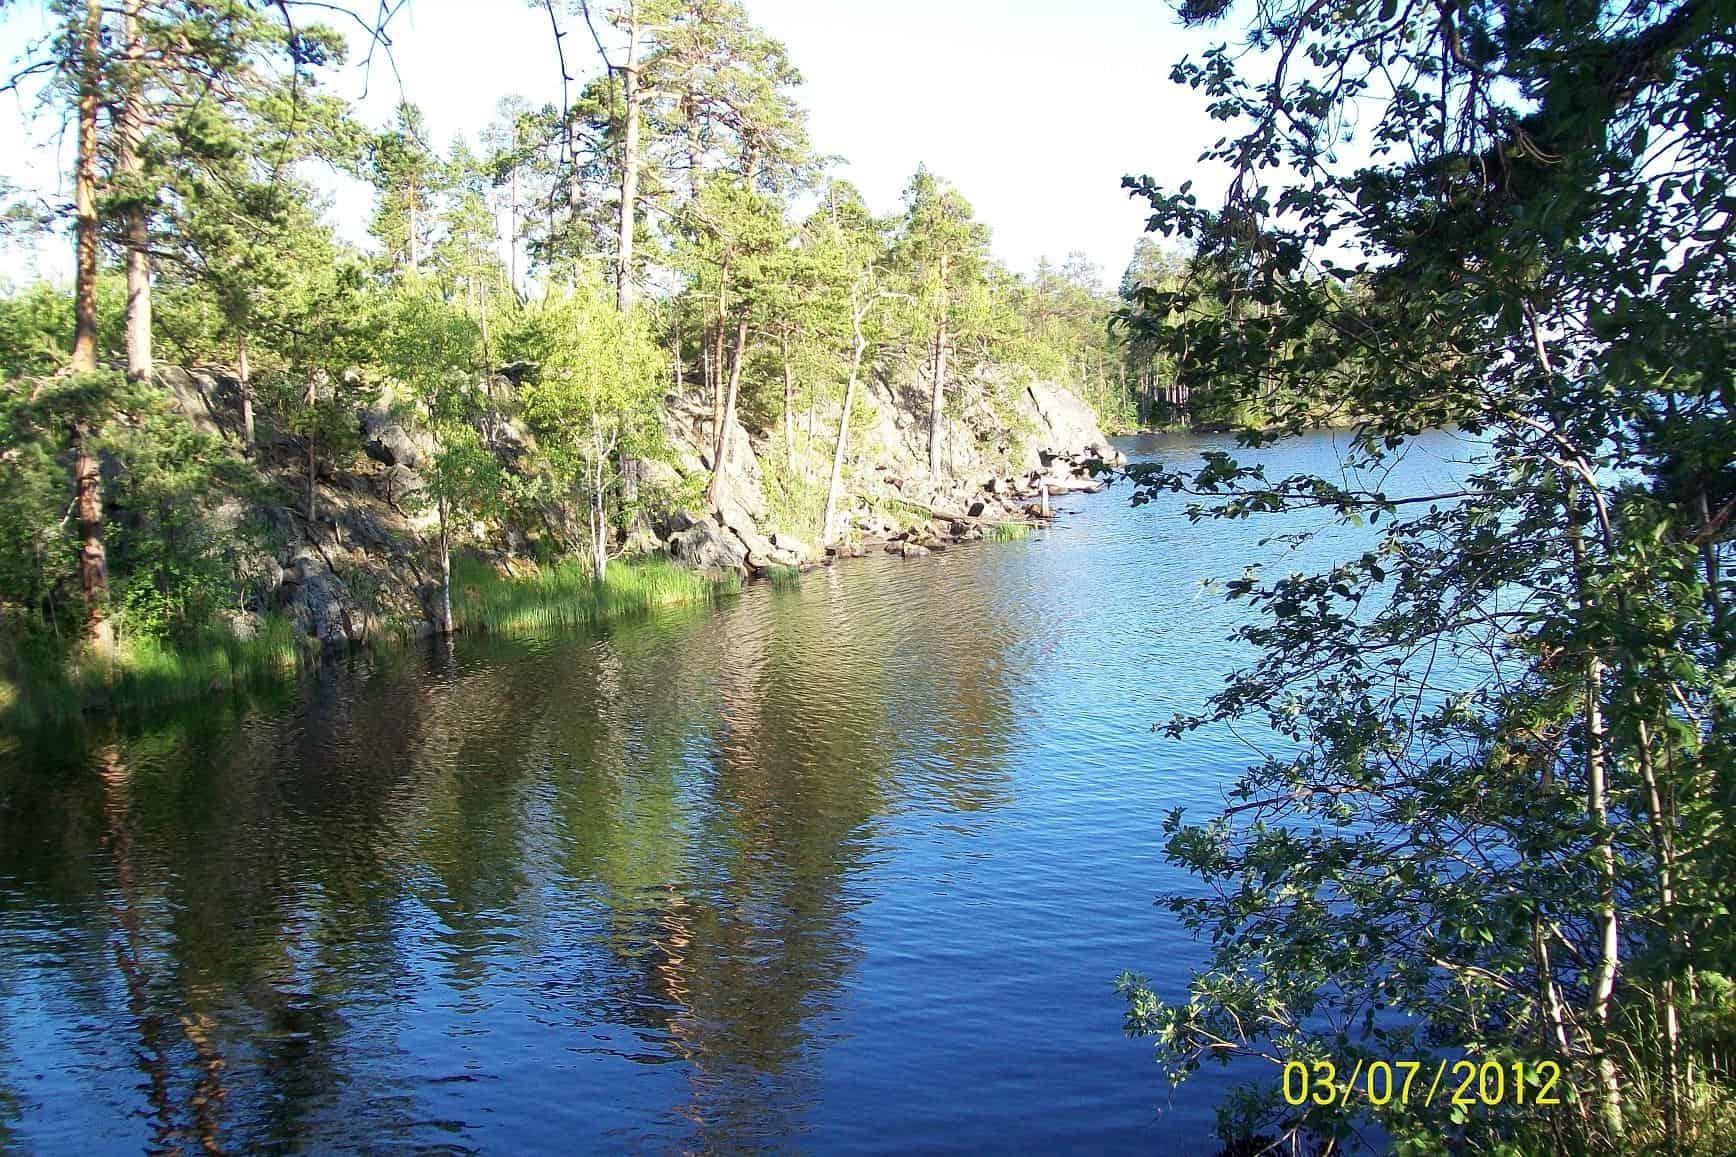 О природно-климатических аспектах экологической ситуации в Карелии